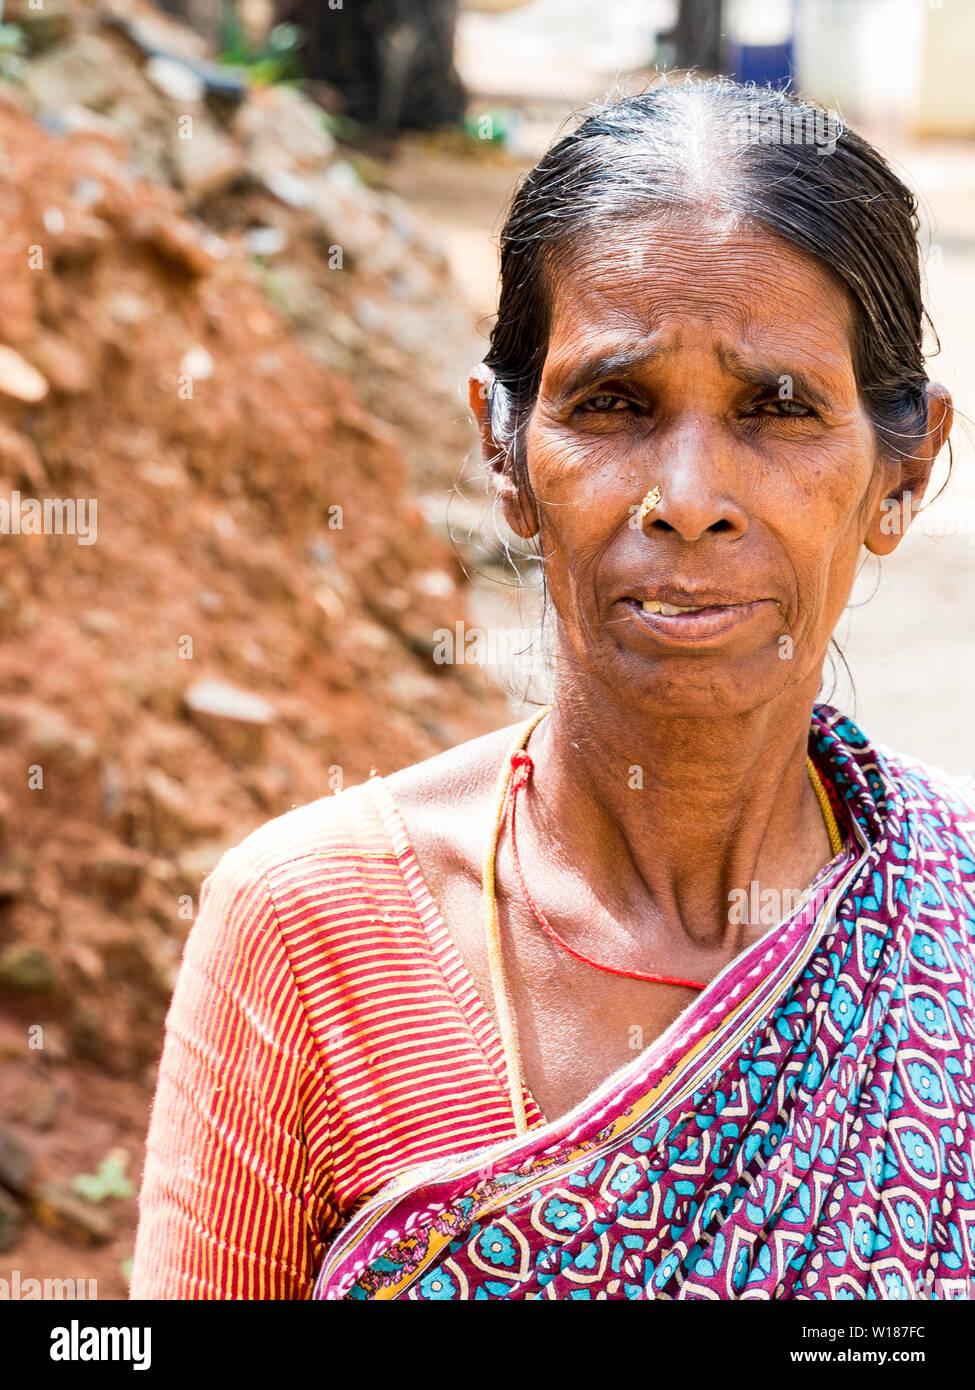 Indian women poor Indian Brides